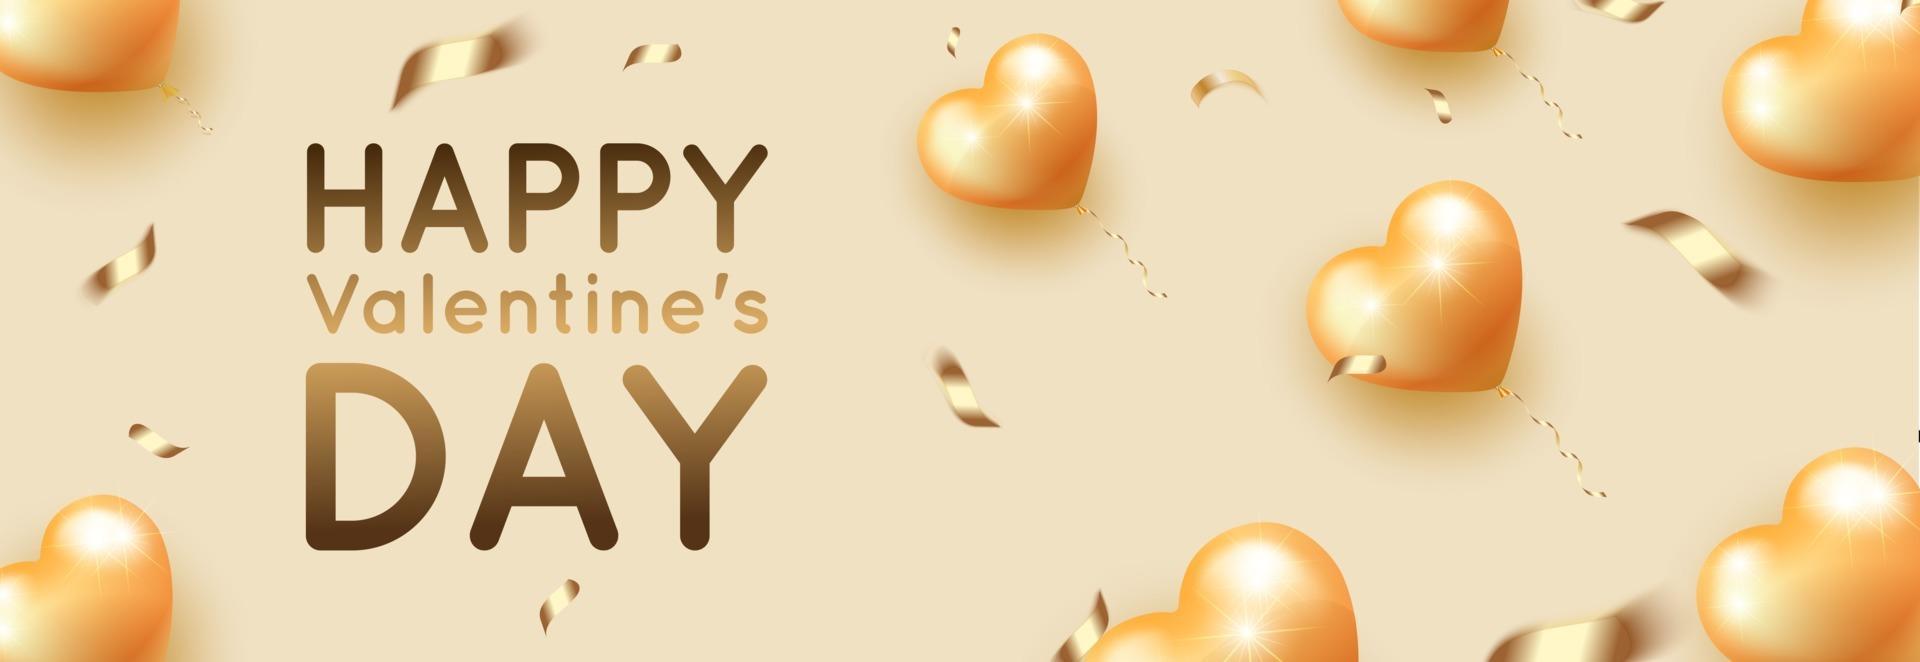 banner orizzontale di San Valentino con palloncini dorati vettore